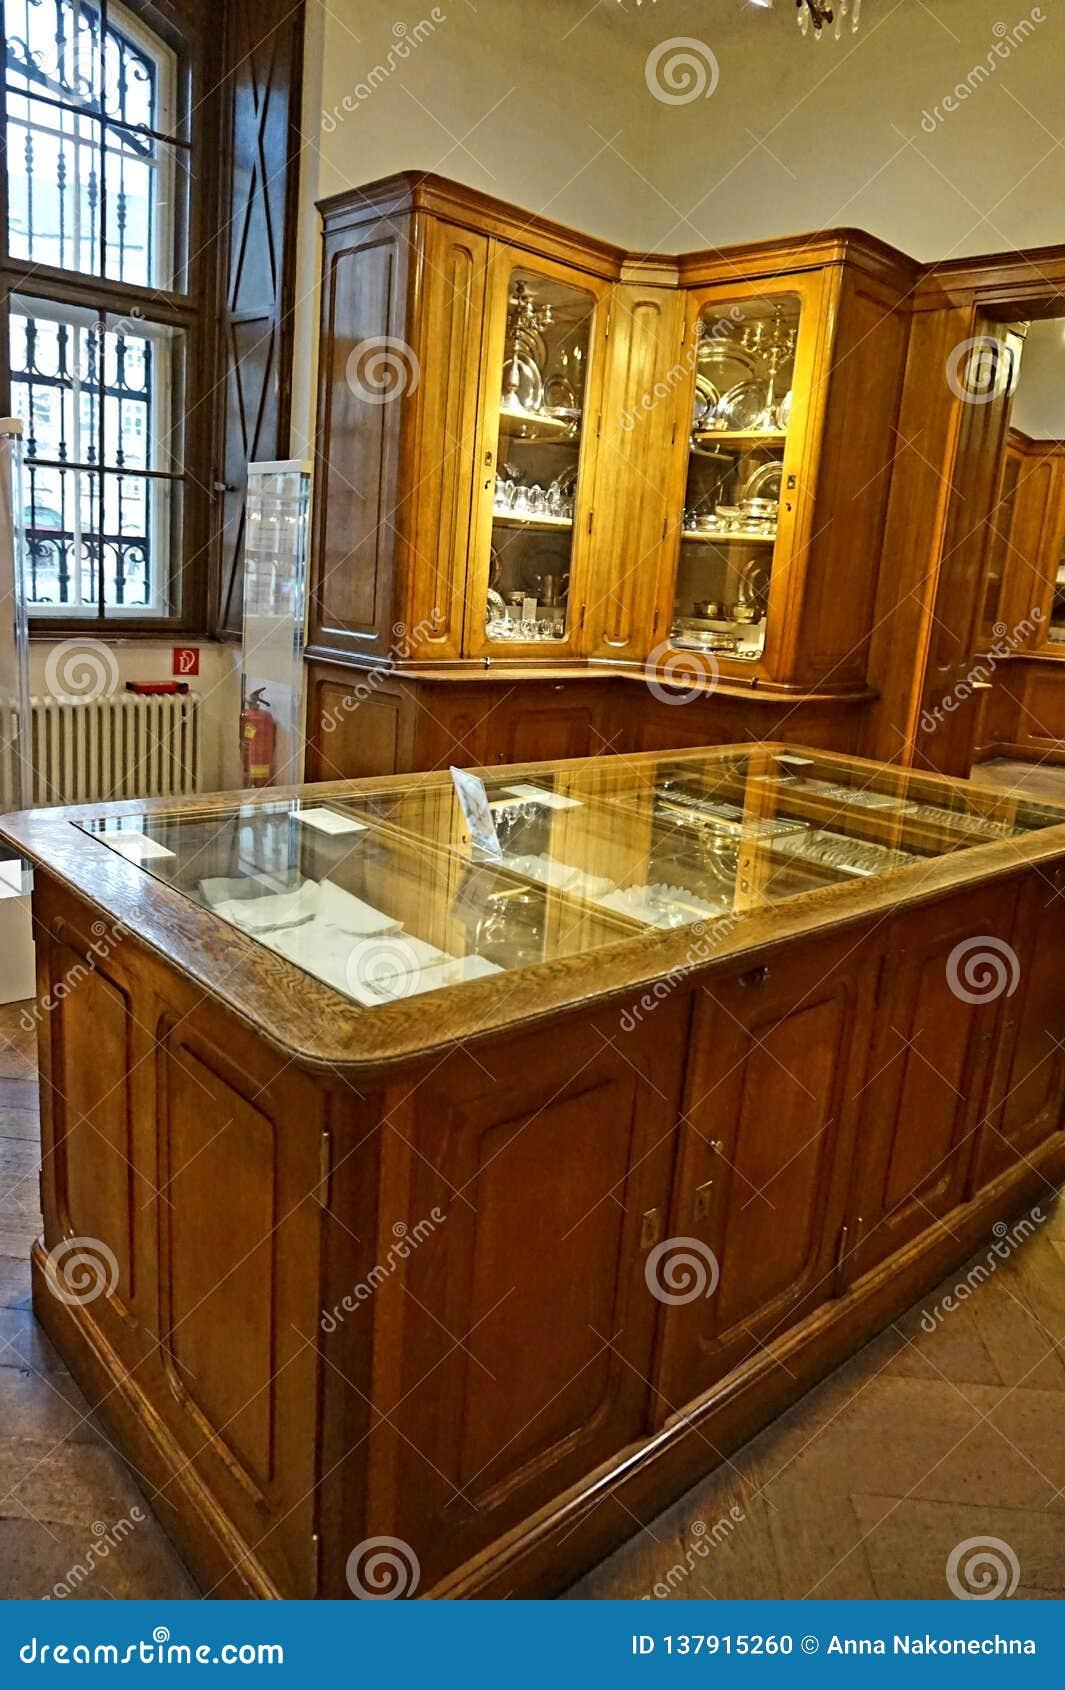 Γραφεία με το σκεύος για την κουζίνα στην αυτοκρατορική ασημένια συλλογή στο Hofburg